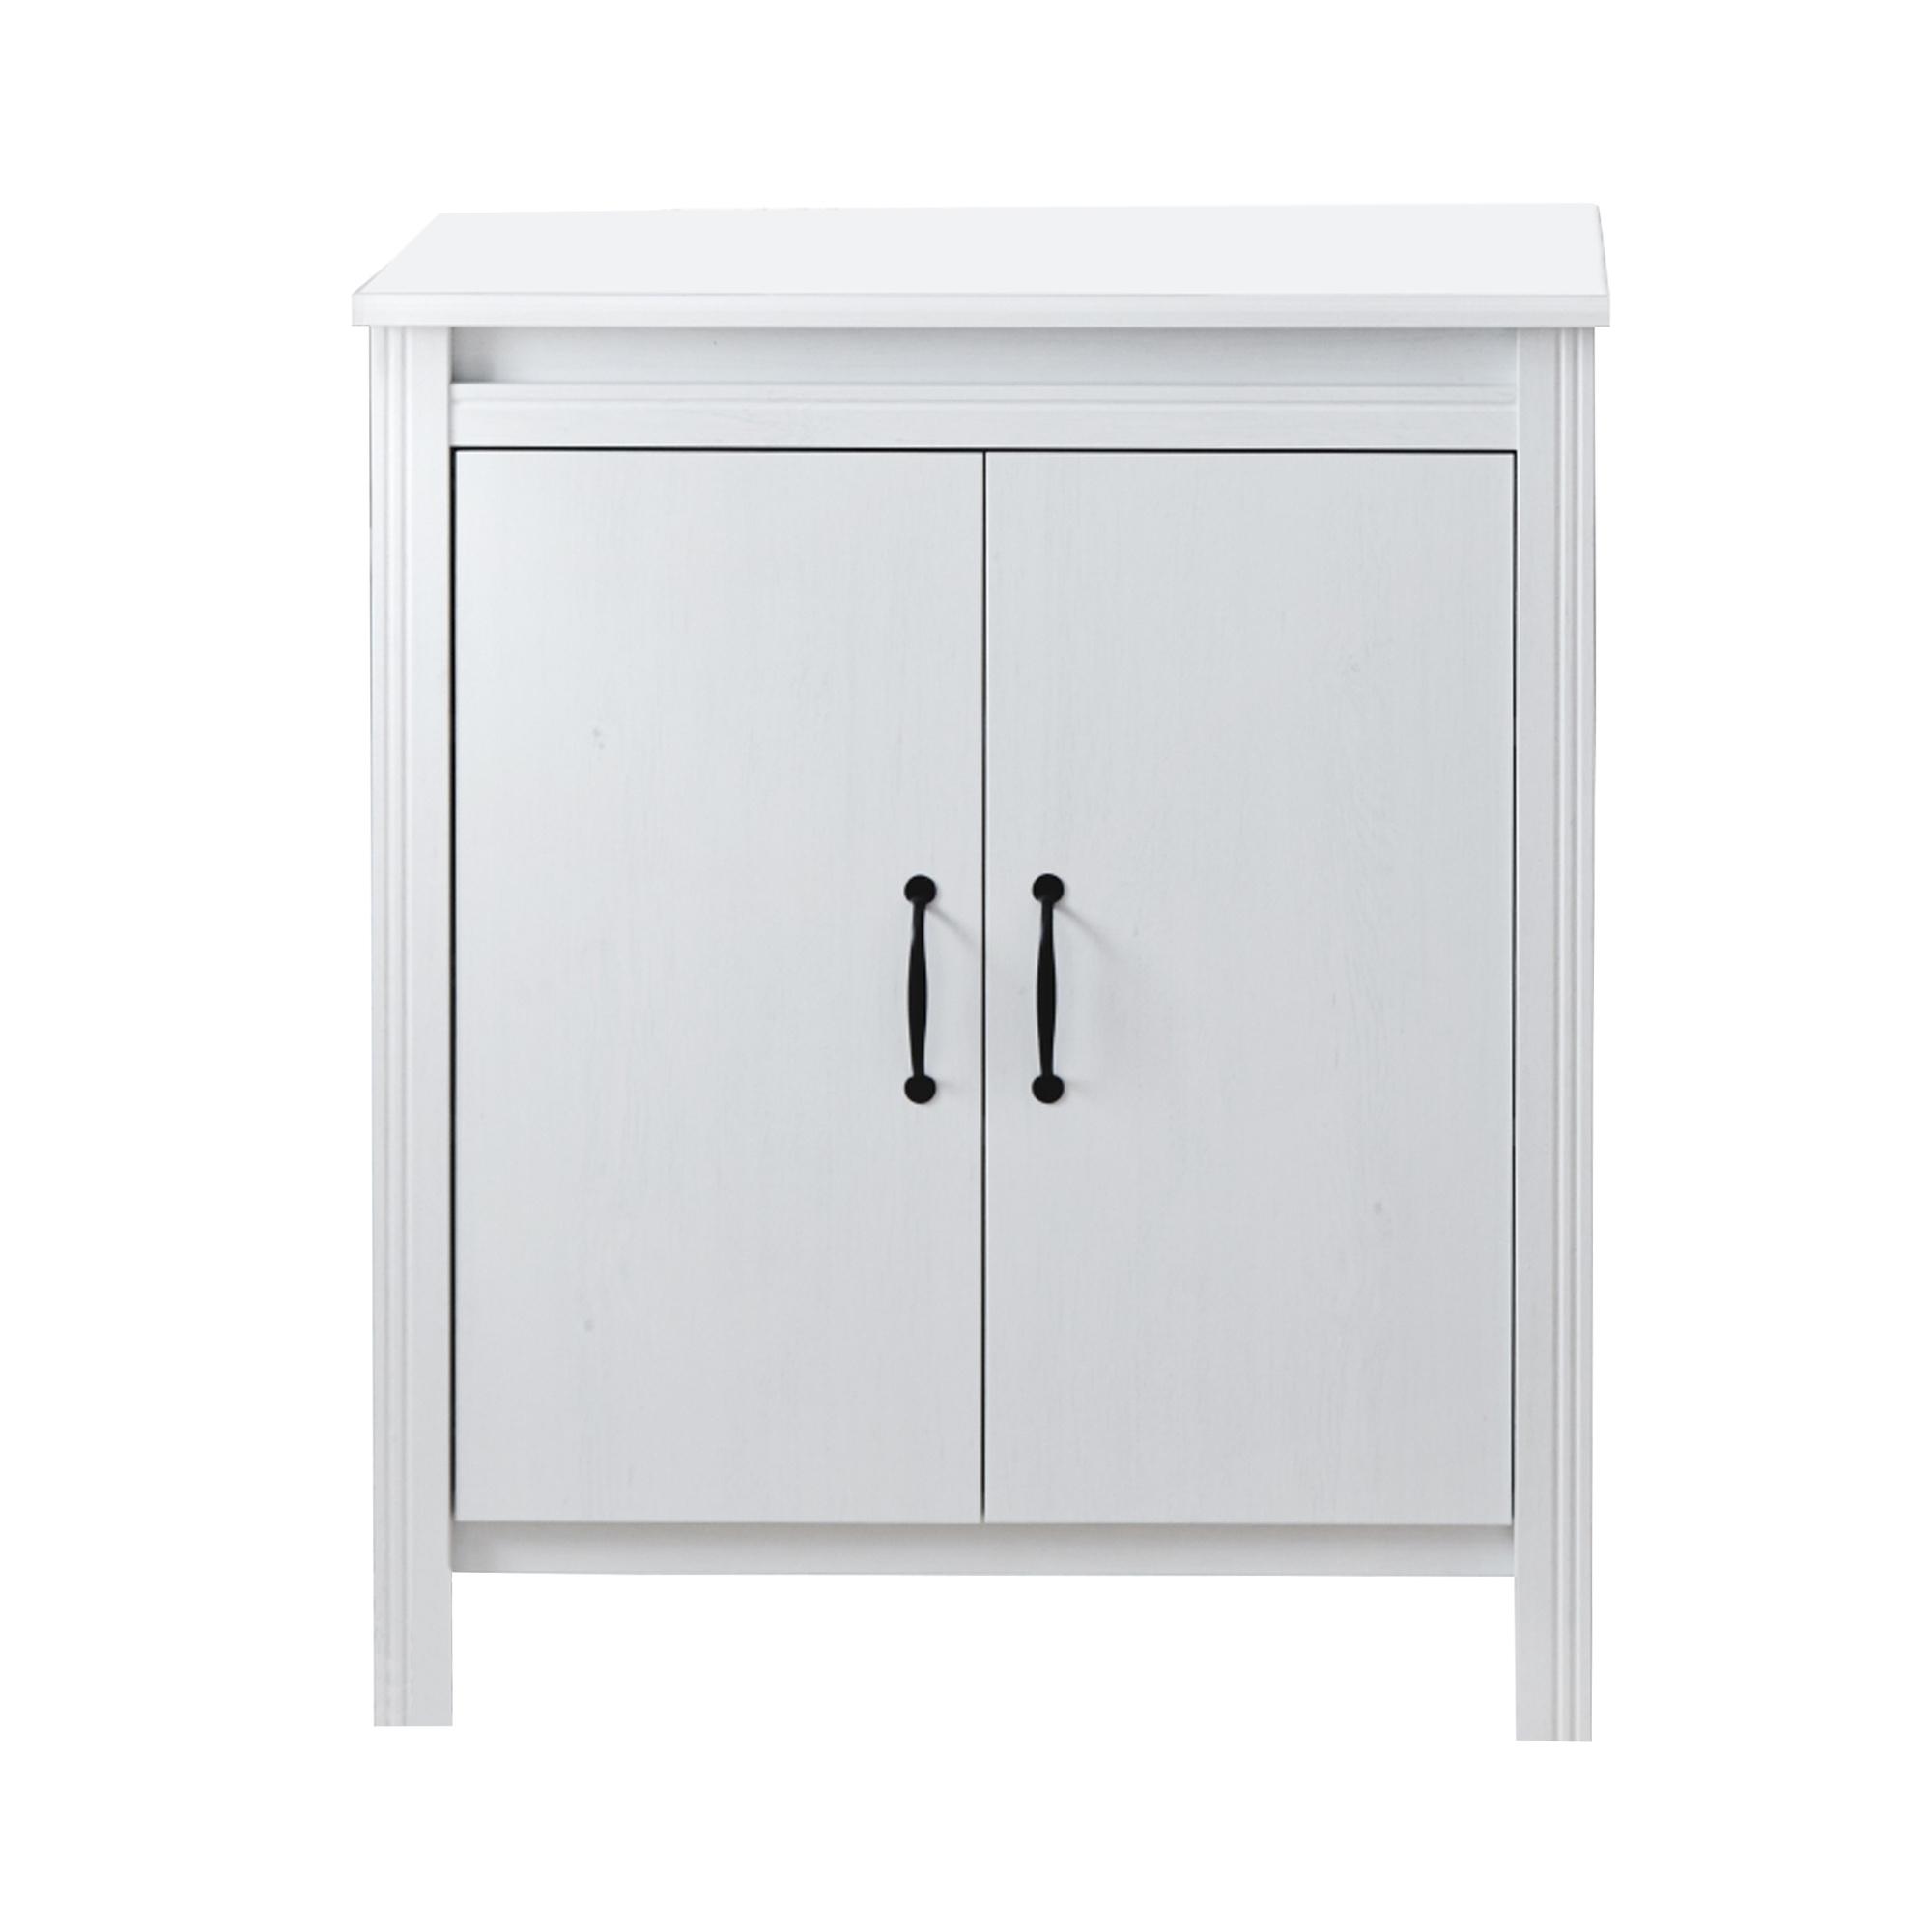 Puertas De Armarios De Cocina Ikea Cool Mueble Buffet Cocina  # Mueble Toallero Ikea